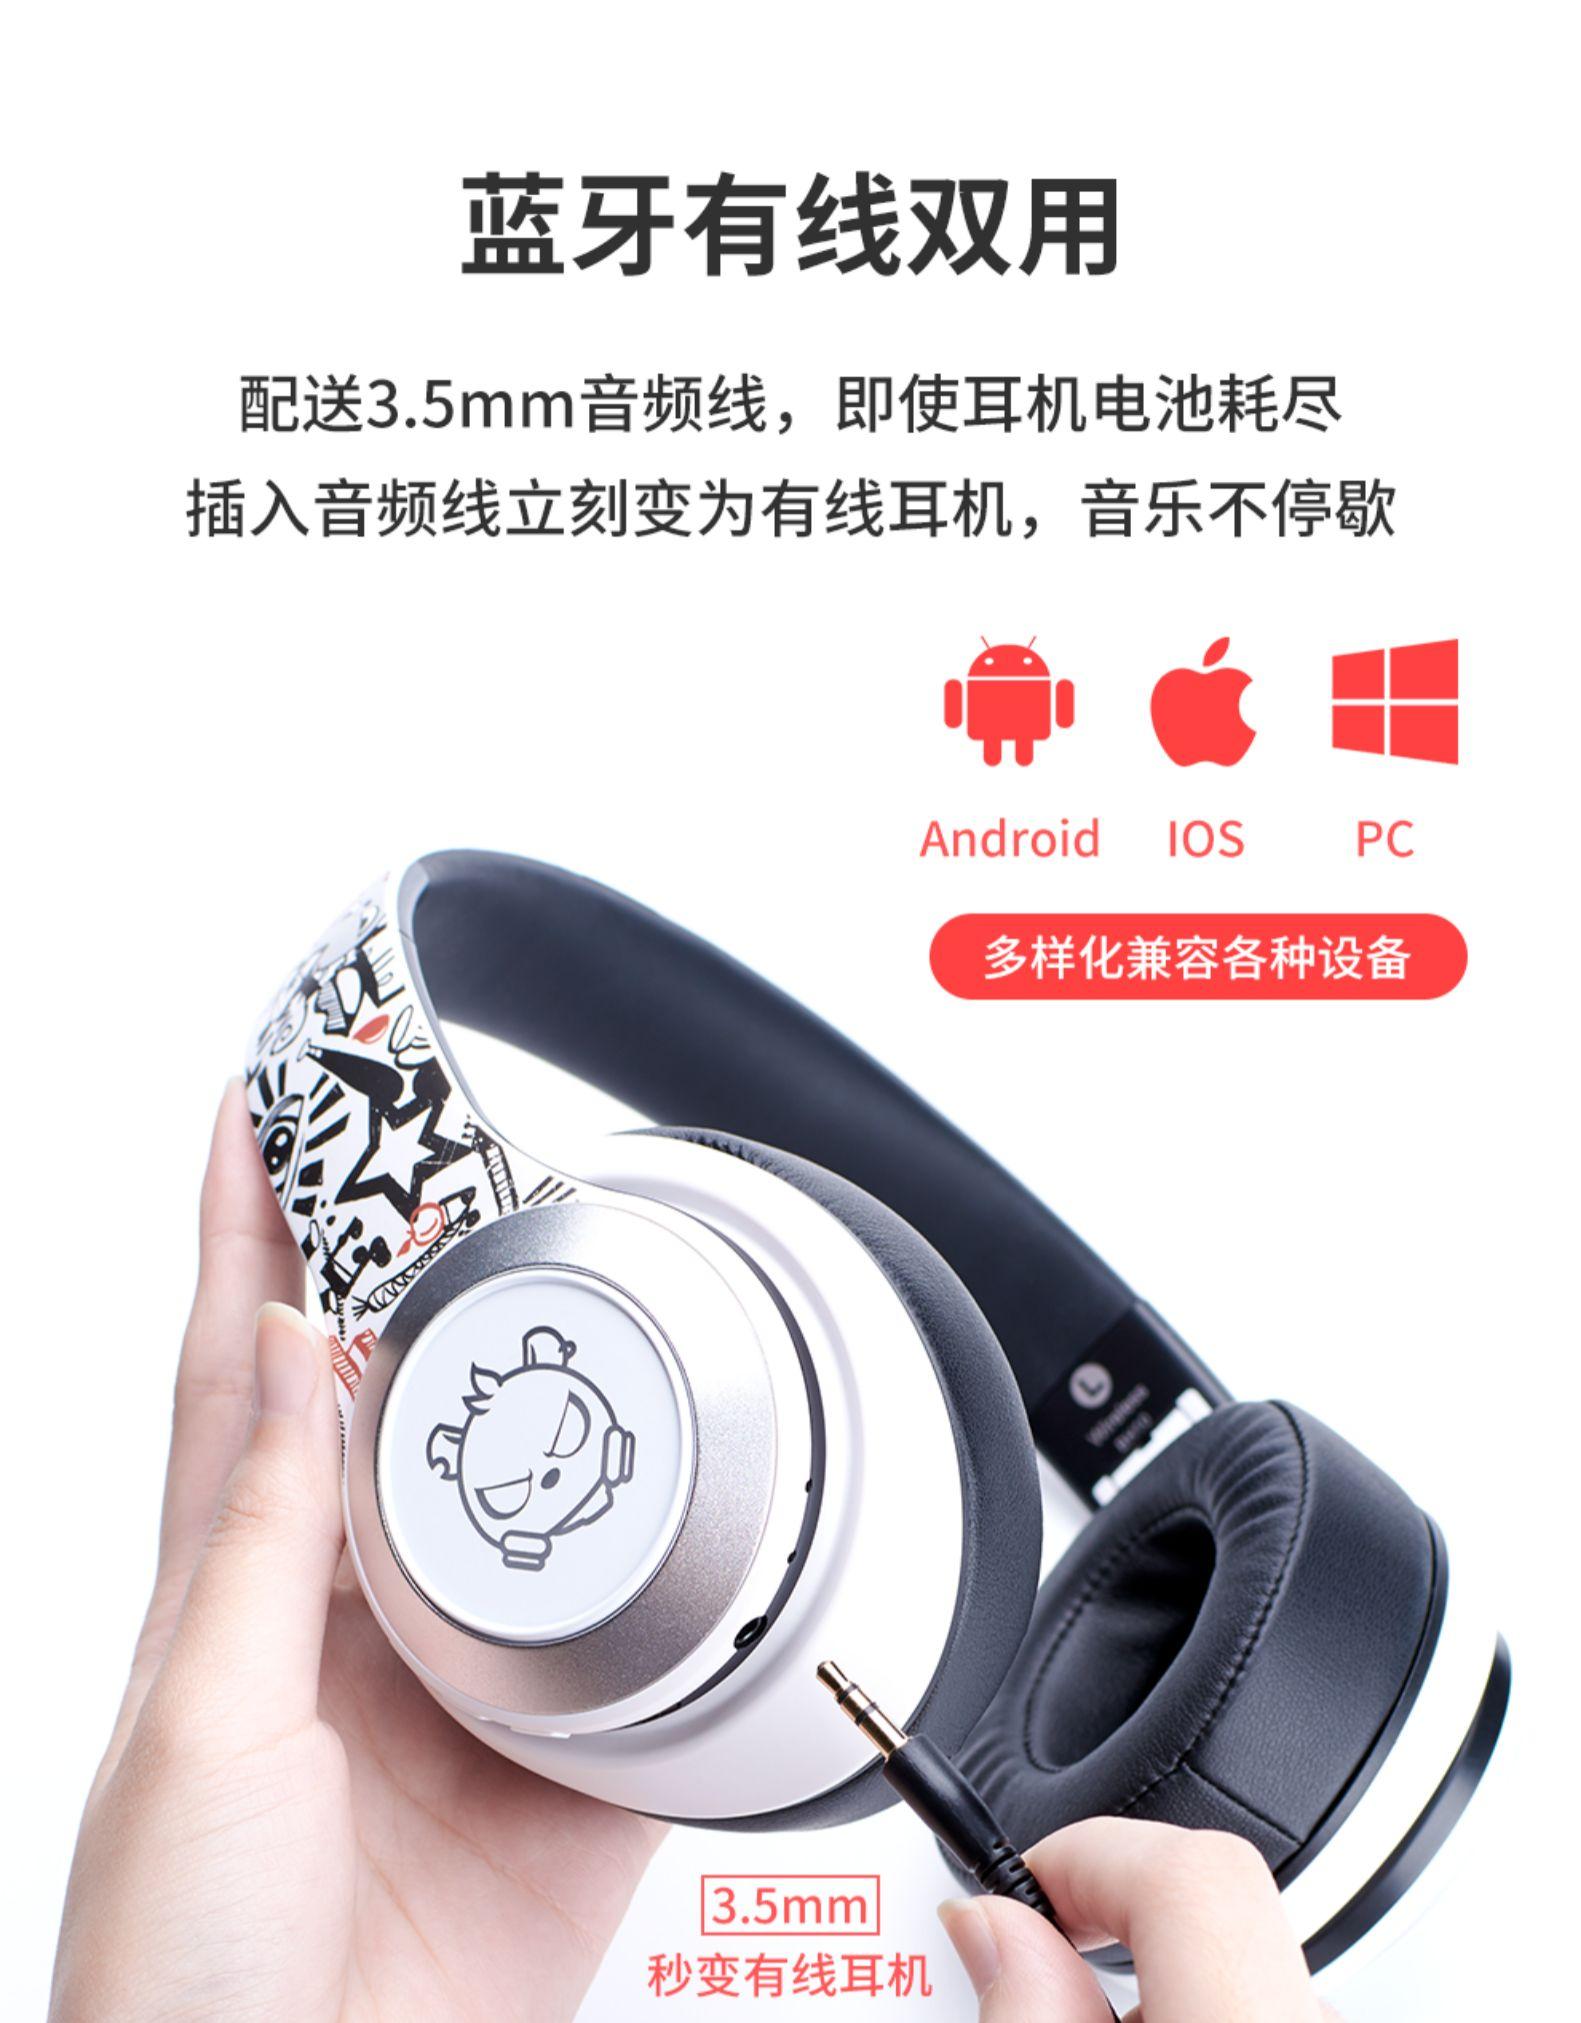 正品适用索尼无线蓝牙耳机头戴式降噪可摺迭超长续航男女跑步运动个性潮流电脑耳麦苹果华为手机适用详细照片